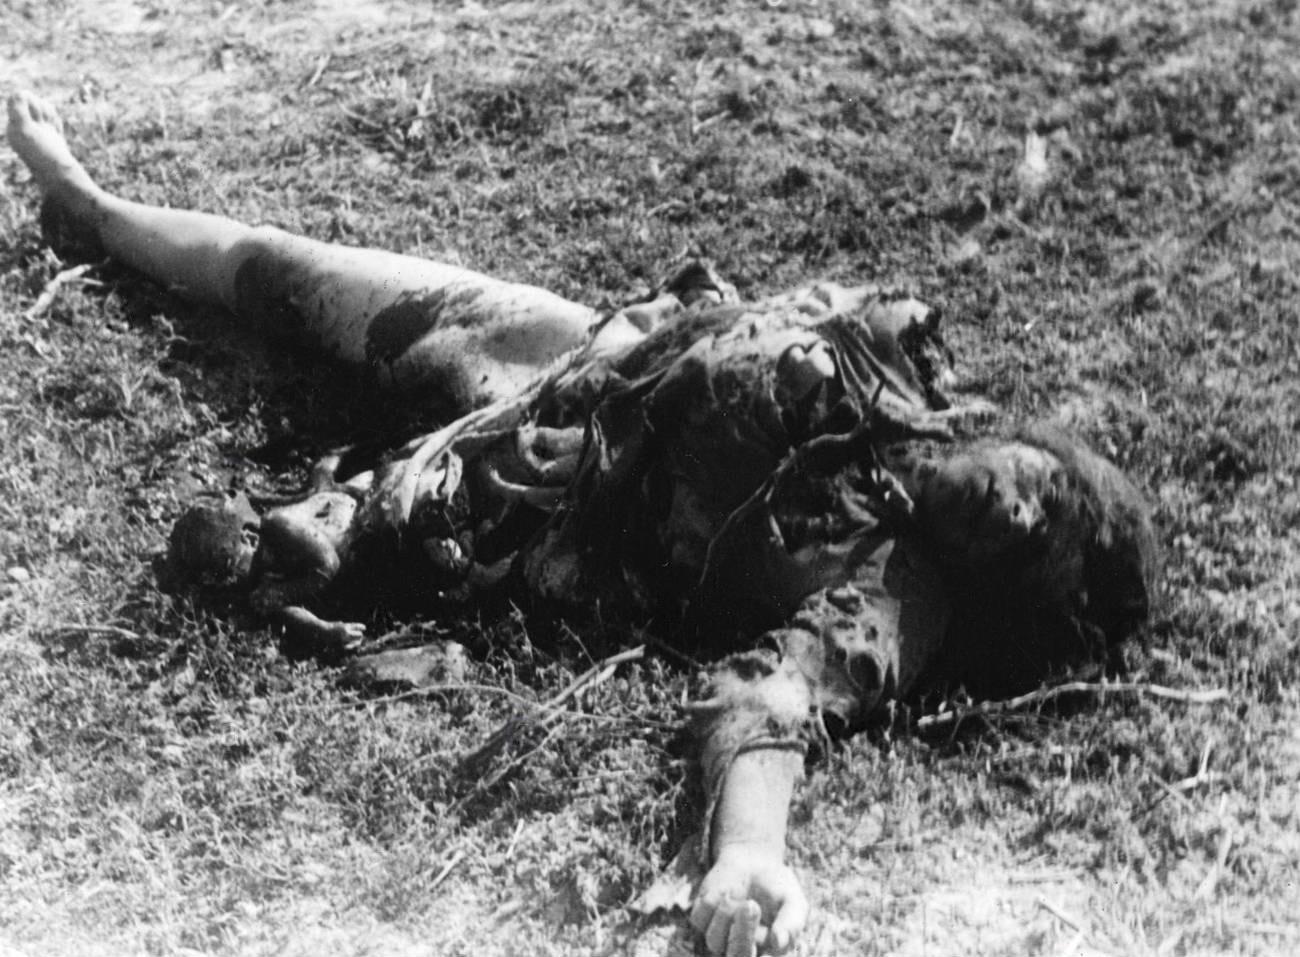 1941. Тело женщины и ее нерожденного ребенка, погибших в результате немецкой бомбардировки по советской колонне между Белостоком и Волковыском